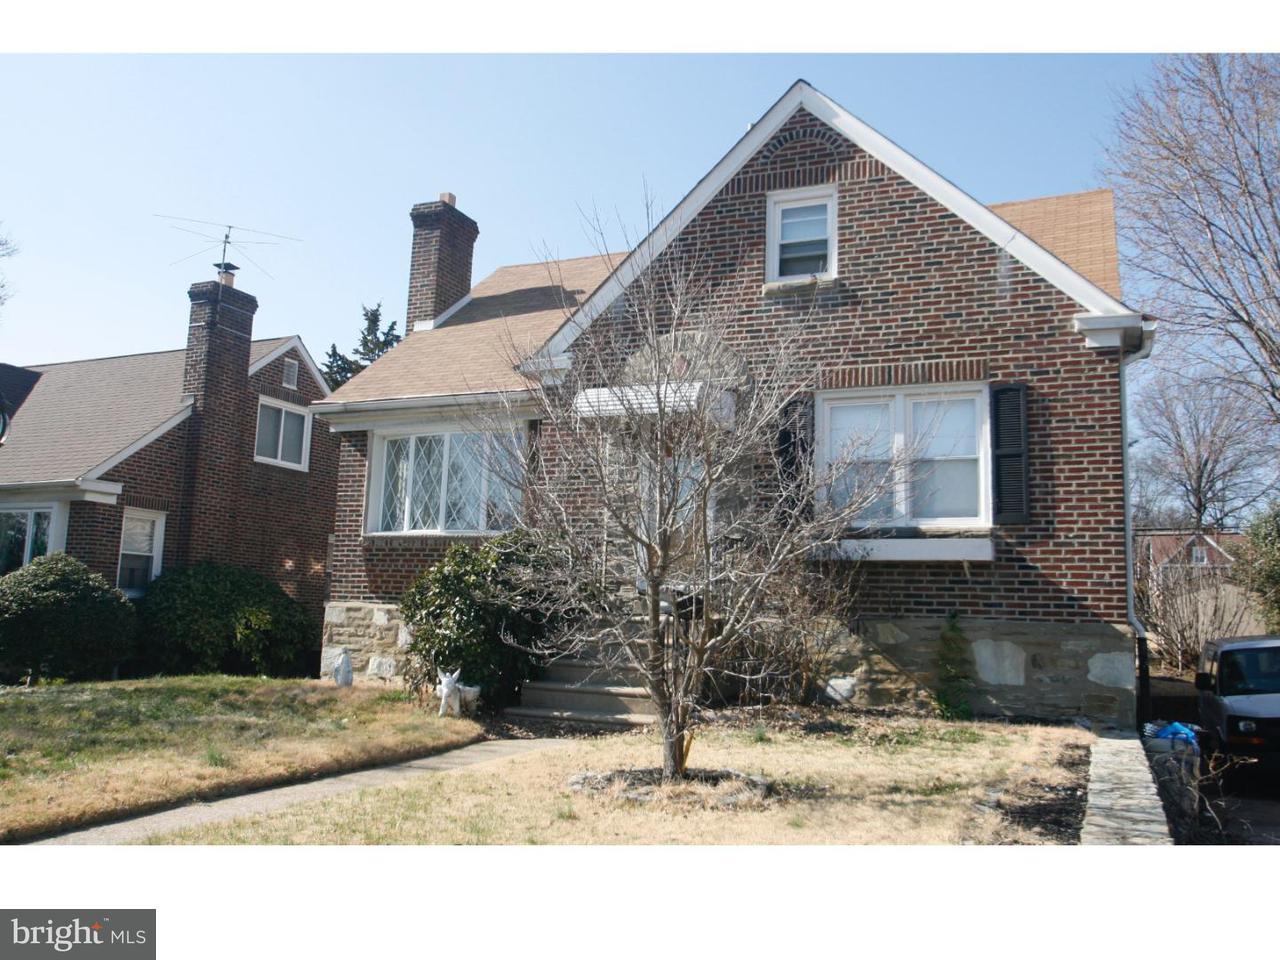 7326  Hasbrook Philadelphia , PA 19111